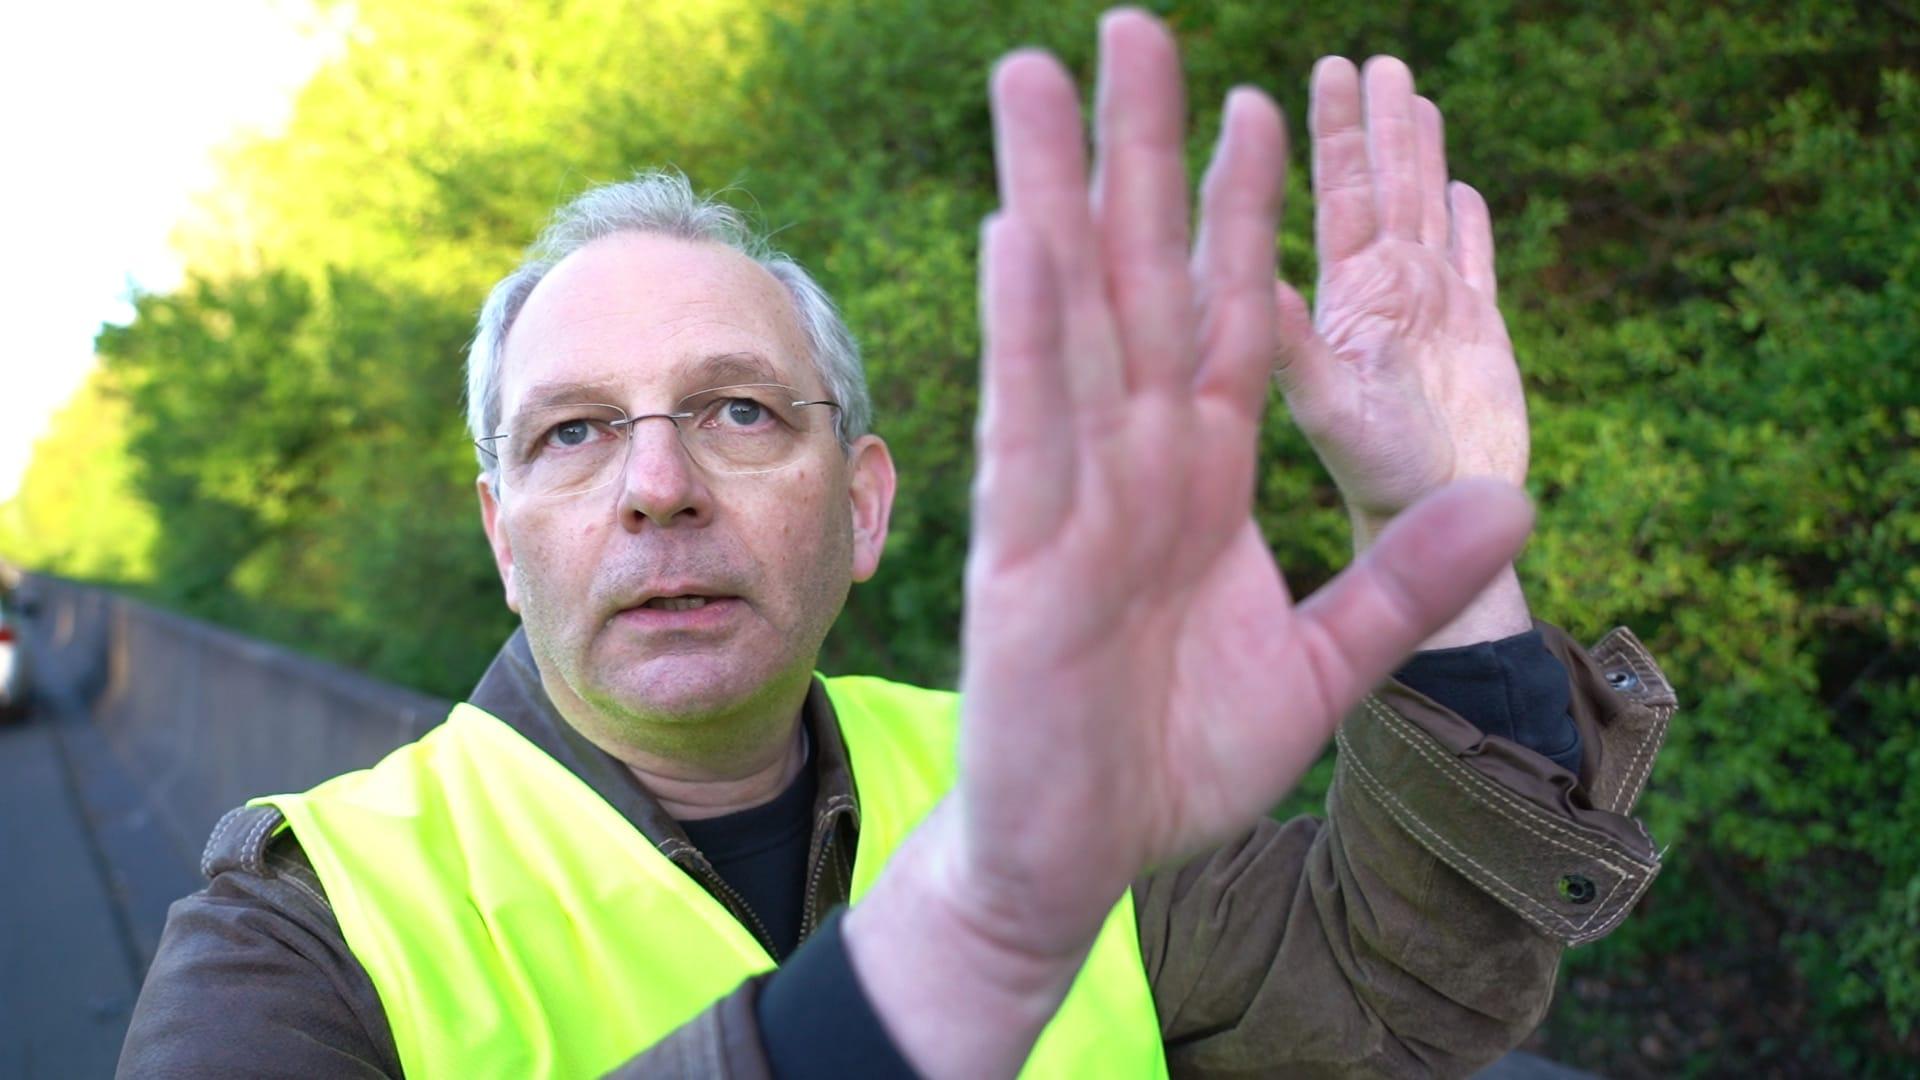 Vorbildlicher Ersthelfer: Dietmar Morawe aus Bückeburg zeigt, wie er versuchte, Lastwagen anzuhalten